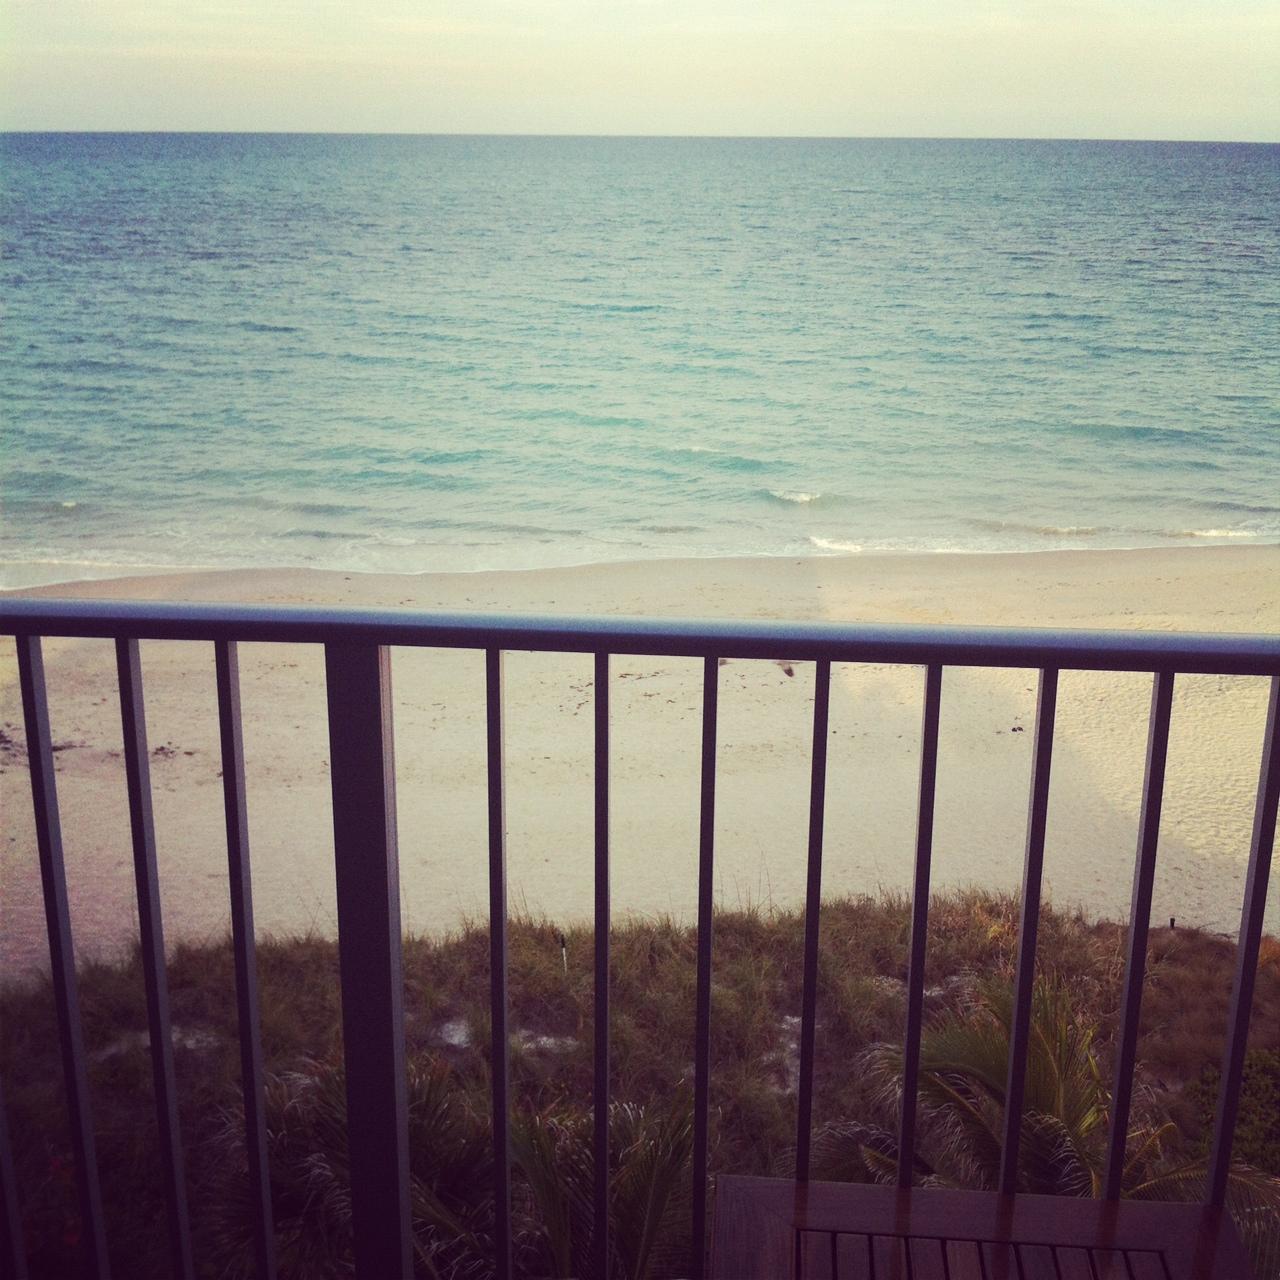 Vero Beach Ocean View